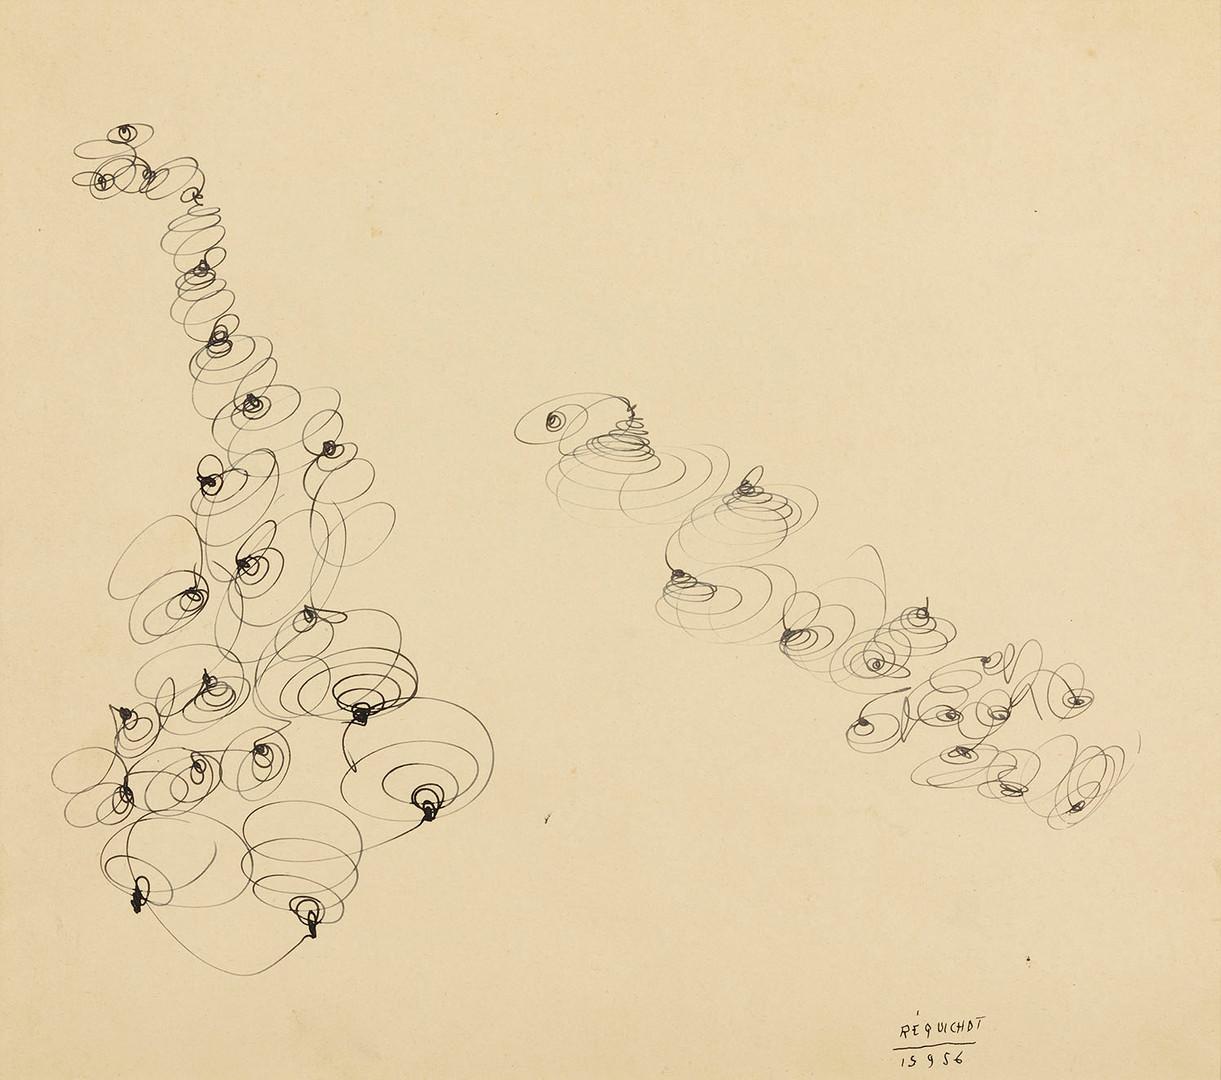 Bernard Réquichot, encre sur papier ocre, 1956